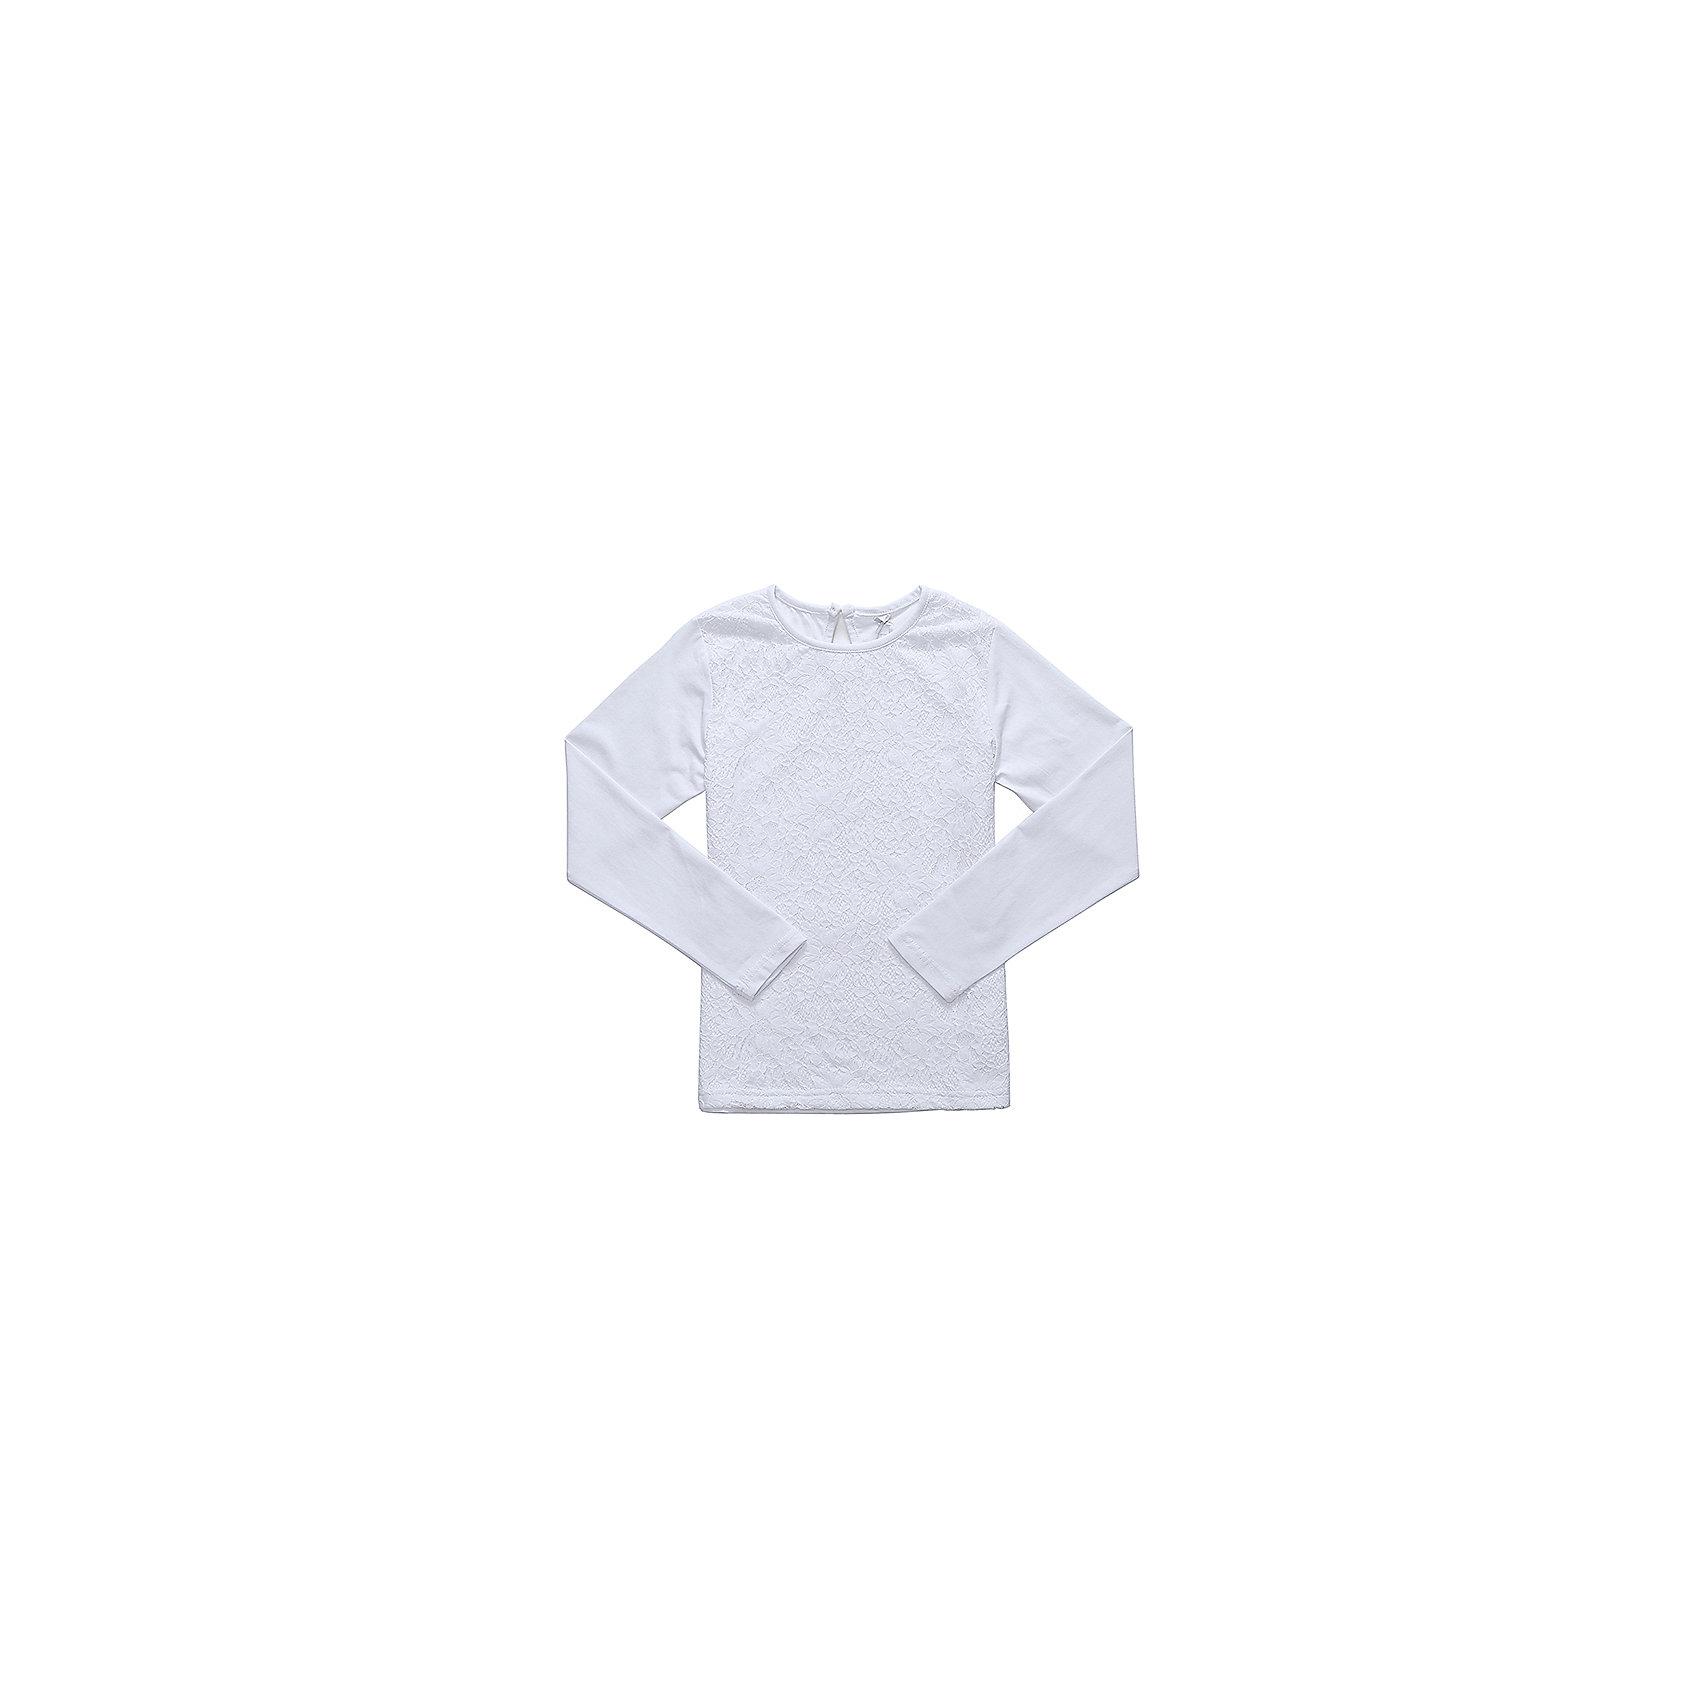 Блузка для девочки LuminosoБлузки и рубашки<br>Характеристики товара:<br><br>• цвет: белый;<br>• состав: 95% хлопок, 5% эластан;<br>• сезон: демисезон;<br>• особенности: школьная, с кружевом;<br>• застежка: пуговка на спине;<br>• с длинным рукавом;<br>• спереди декорирована кружевом;<br>• страна бренда: Россия;<br>• страна производства: Китай.<br><br>Школьная блузка с длинным рукавом для девочки. Белая трикотажная блузка застегивается на пуговку на спине. Блузка декорирована кружевом.<br><br>Блузка для девочки Luminoso (Люминосо) можно купить в нашем интернет-магазине.<br><br>Ширина мм: 186<br>Глубина мм: 87<br>Высота мм: 198<br>Вес г: 197<br>Цвет: белый<br>Возраст от месяцев: 84<br>Возраст до месяцев: 96<br>Пол: Женский<br>Возраст: Детский<br>Размер: 128,164,122,134,140,146,152,158<br>SKU: 6673013